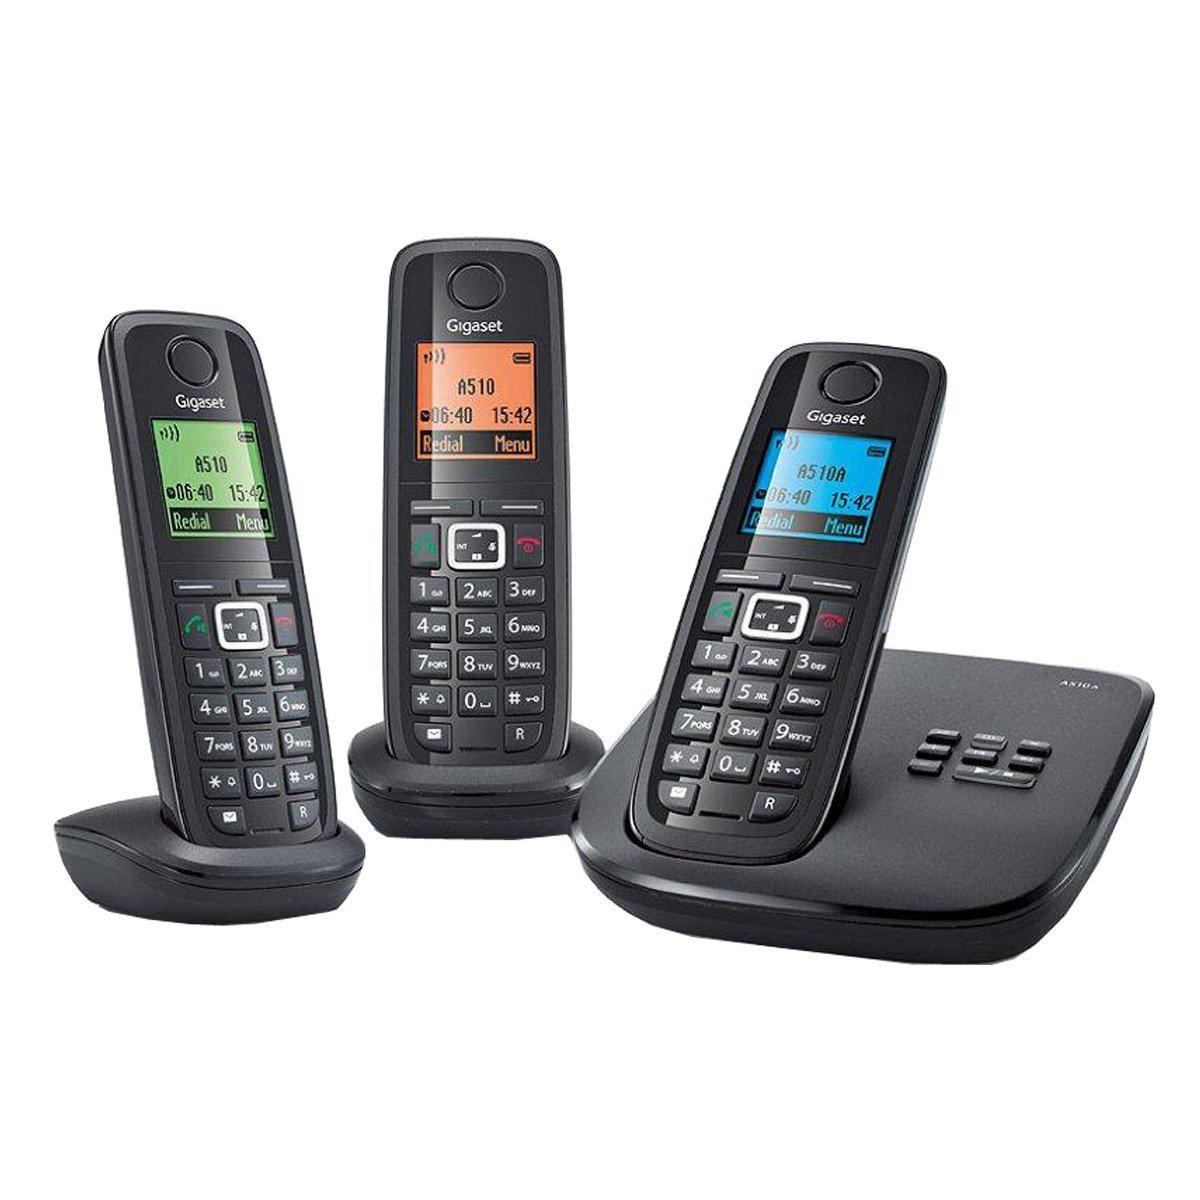 Téléphone sans fil Gigaset A510 A Trio Répondeur / Via Buyster à 49.9€, sinon